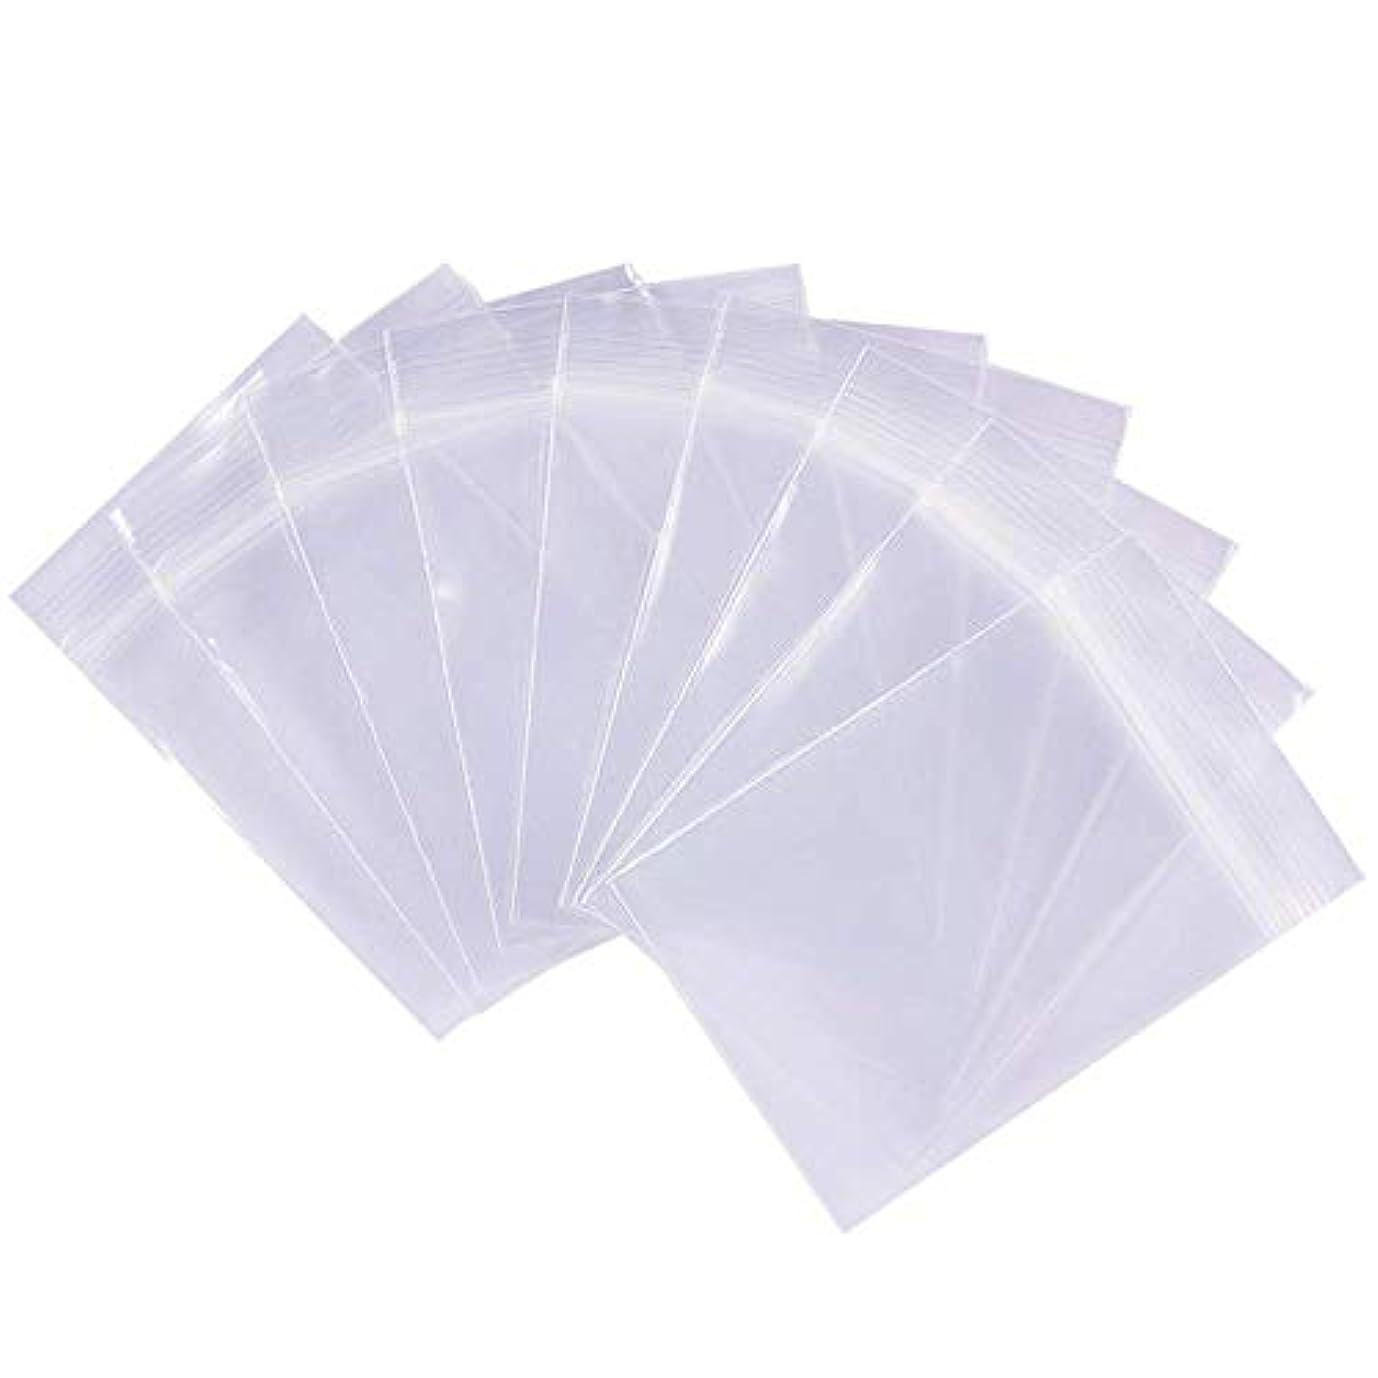 ごちそう心理的に前兆200枚チャック袋 透明チャック付ポリ袋 リサイクル可能プラスチック袋密封保存袋